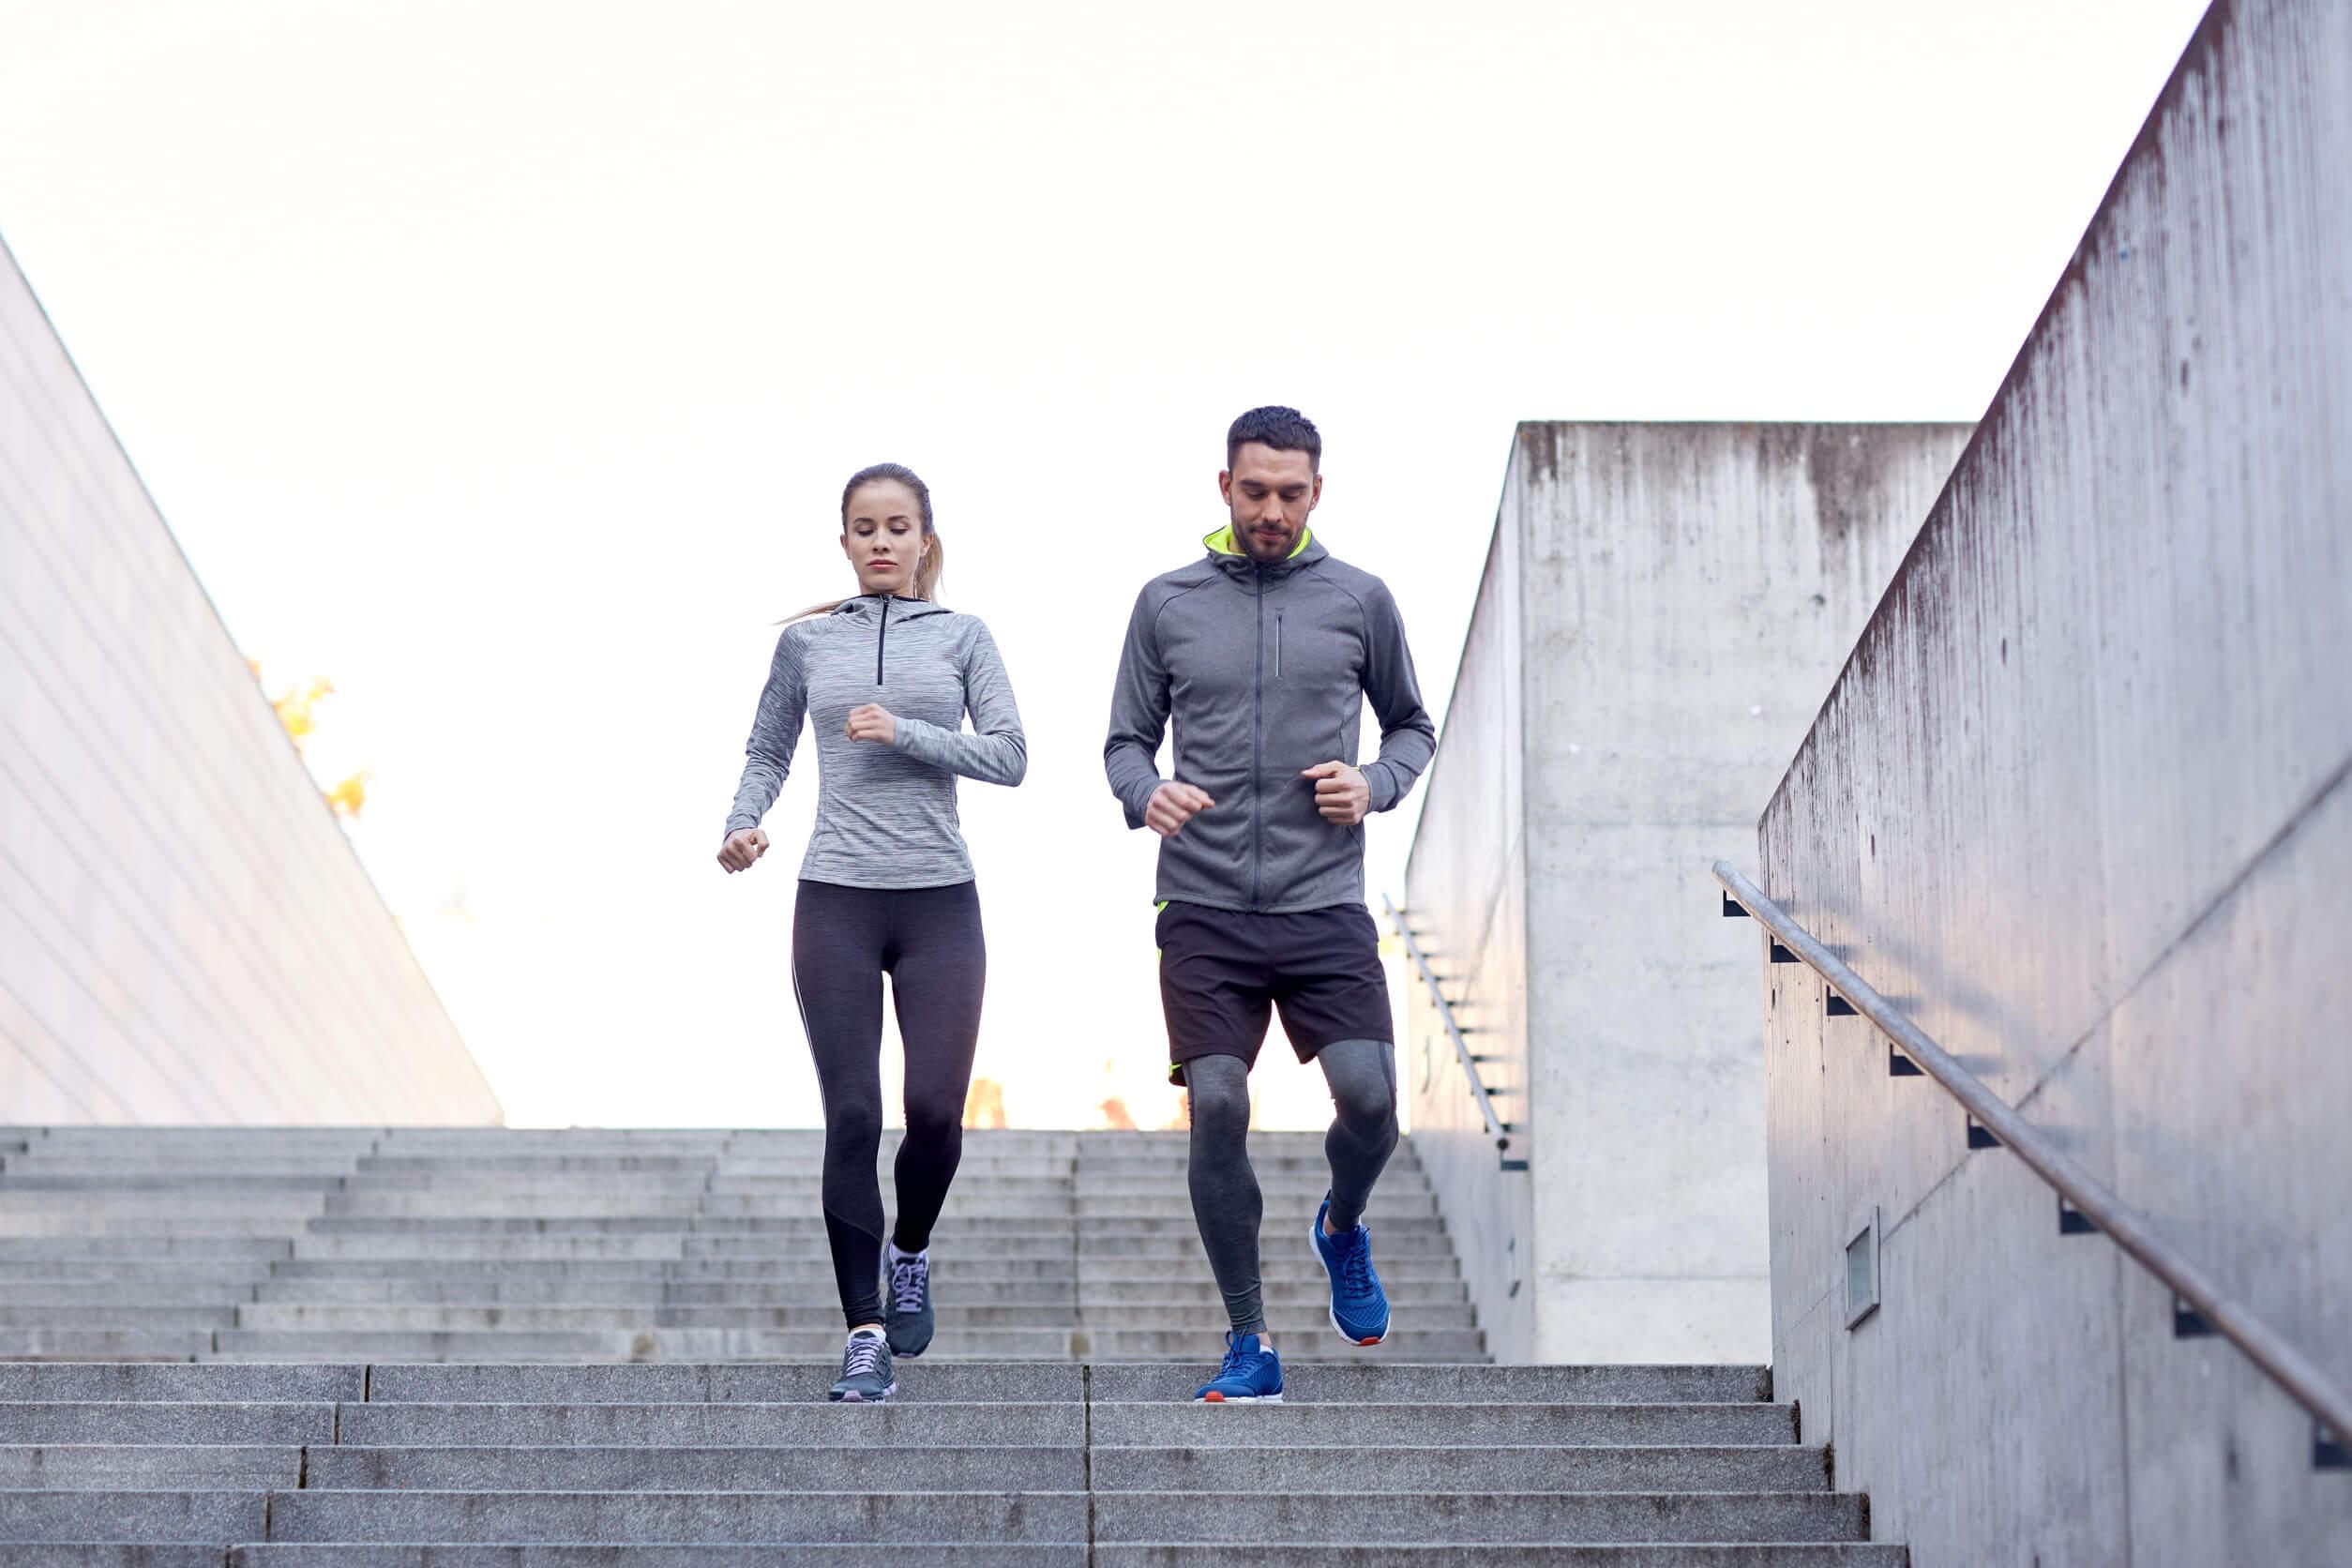 ¿Por qué se debe hacer ejercicio?